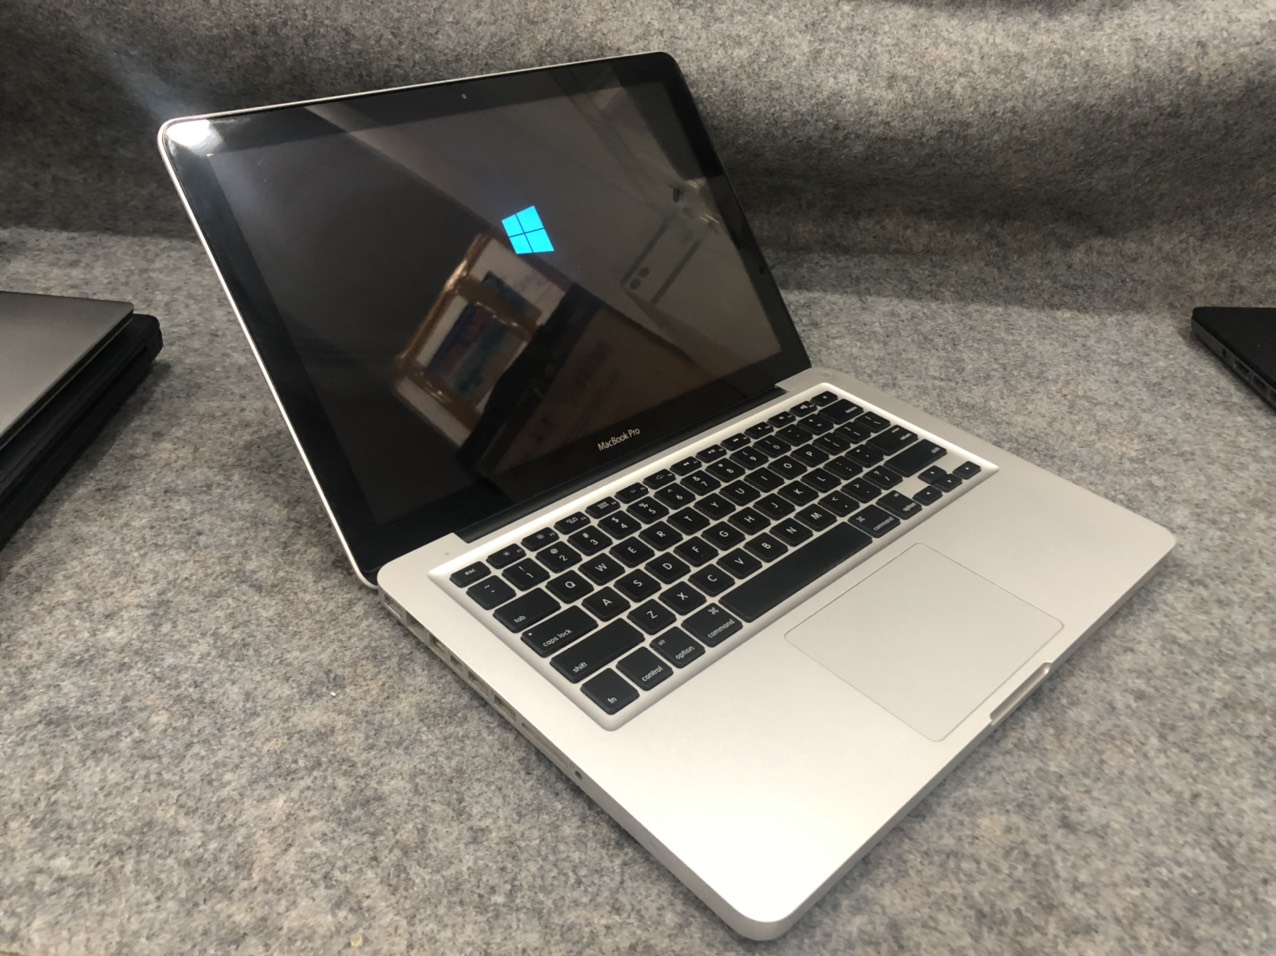 Macbook-pro-2011-core-i5-cu-gia-re-7